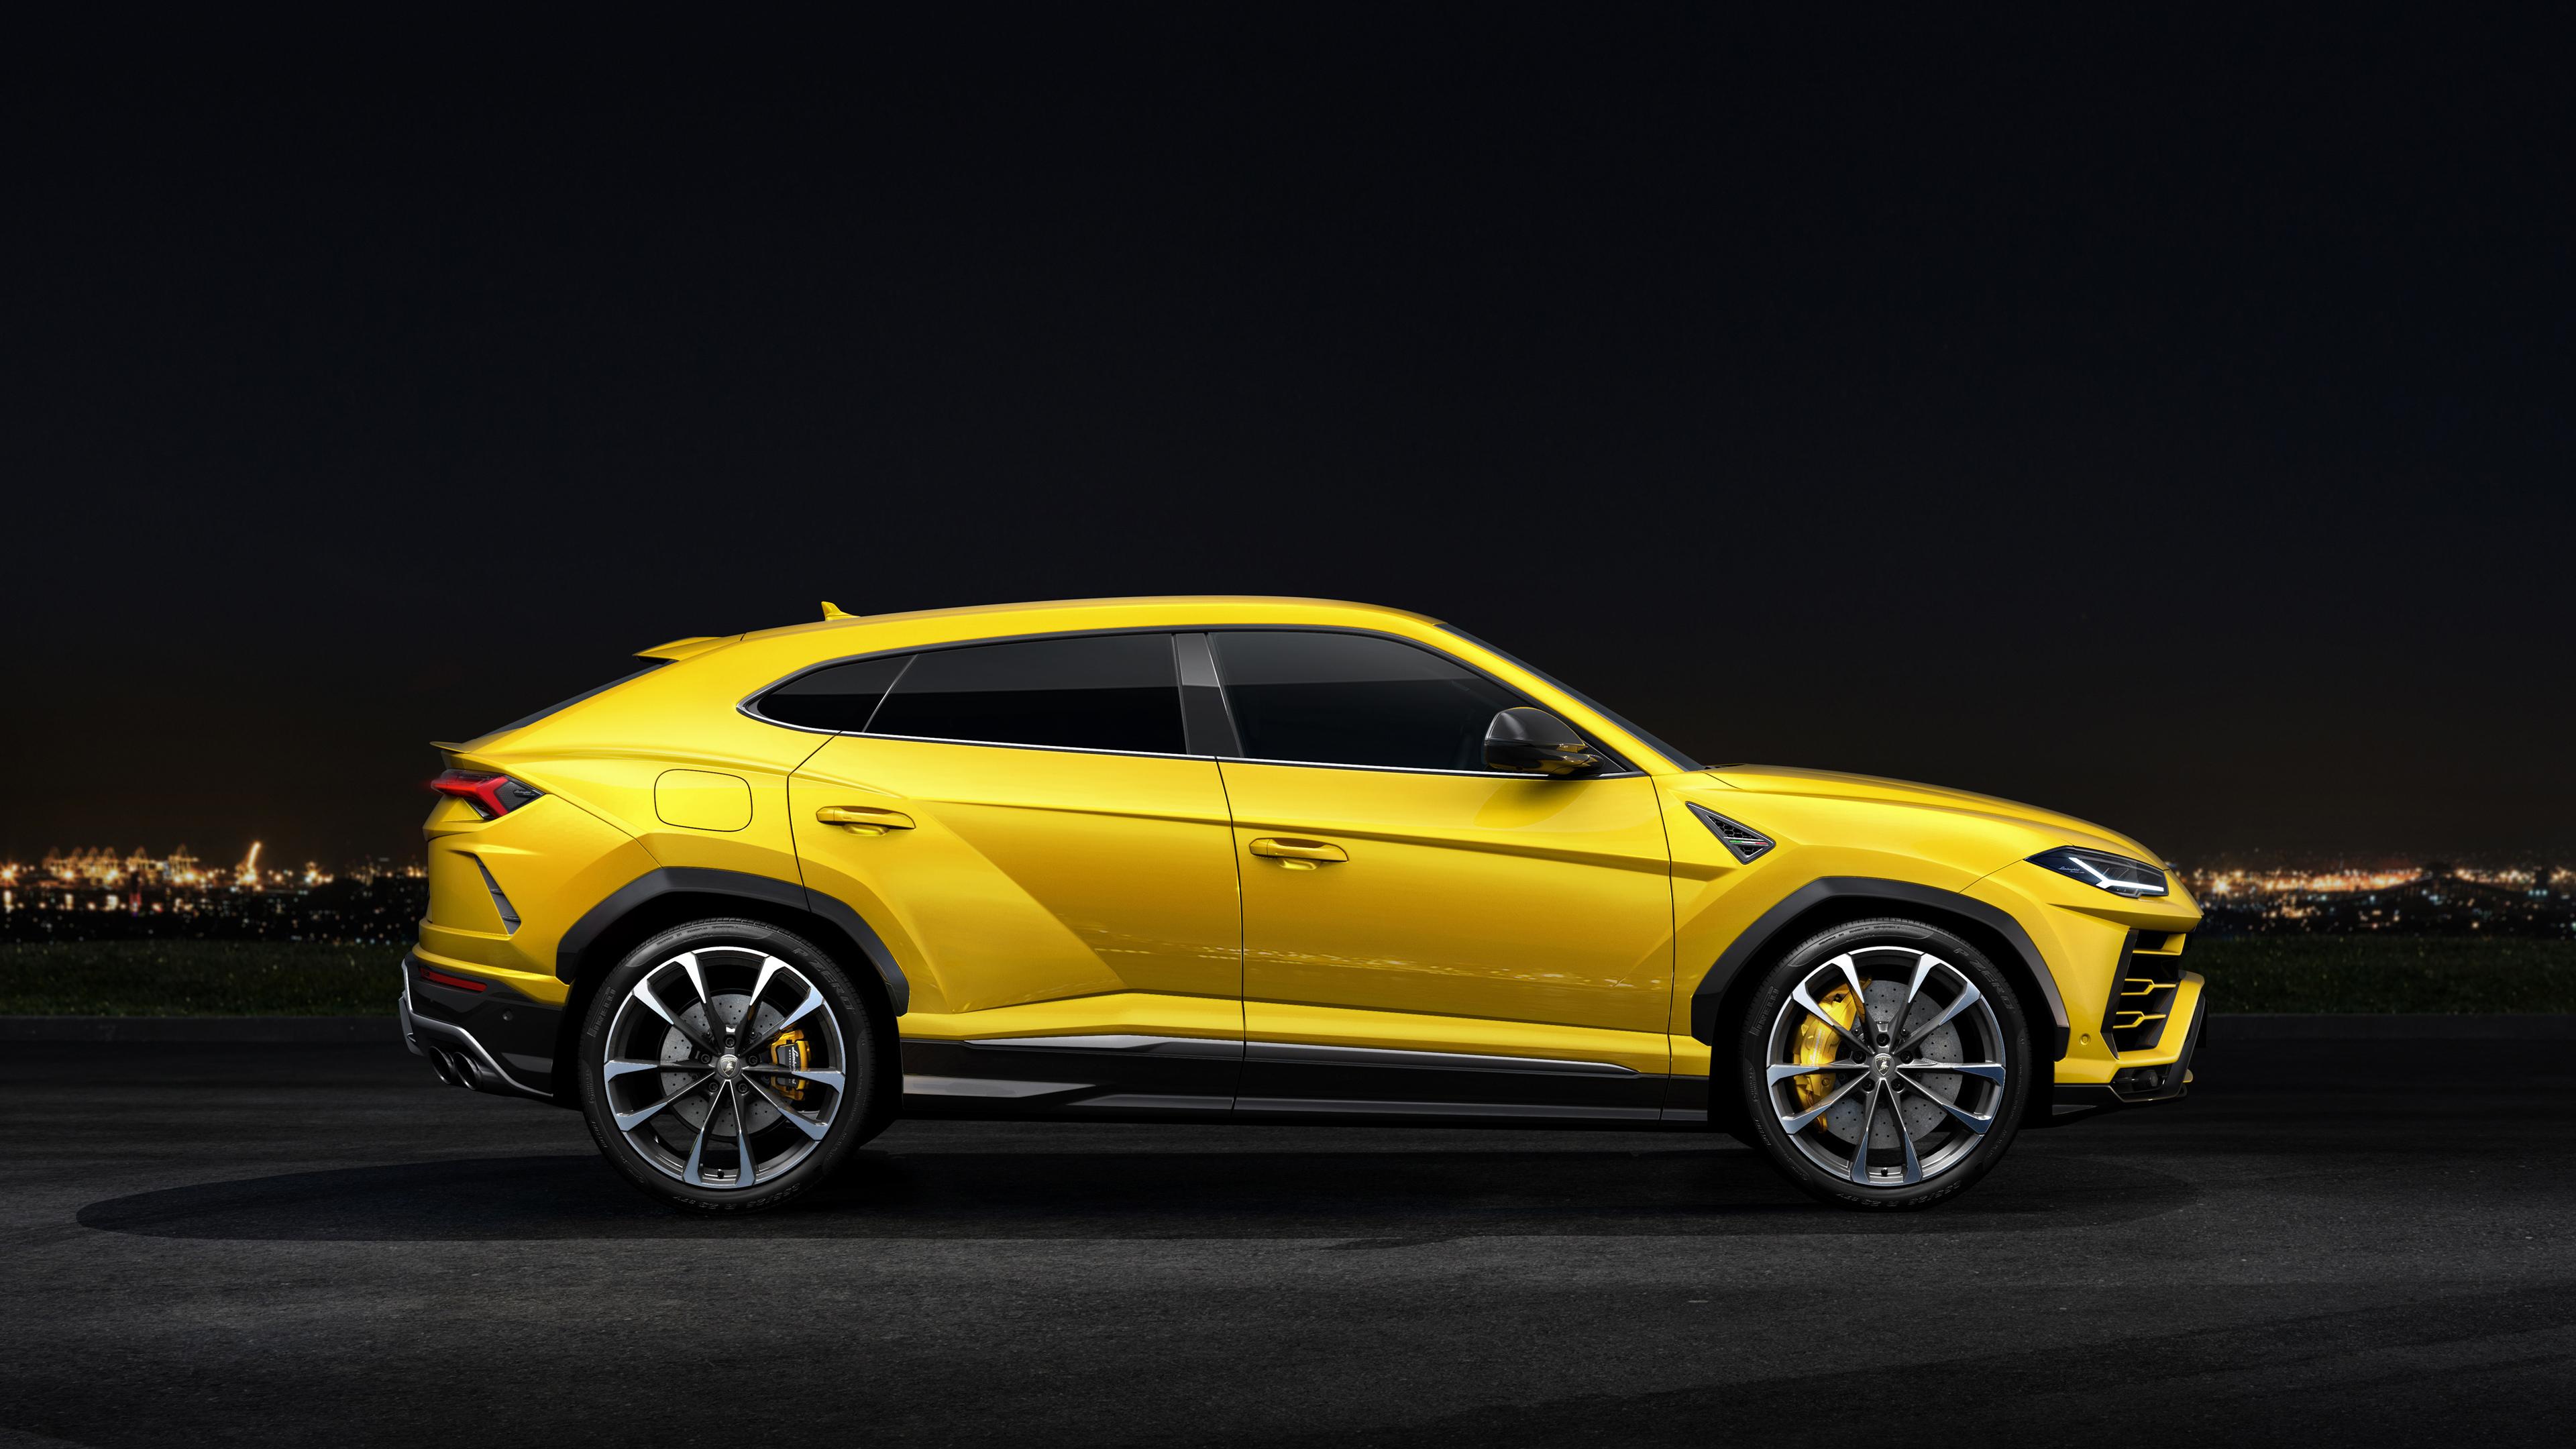 2018 Lamborghini Urus 4k 5 Wallpaper Hd Car Wallpapers Id 9214